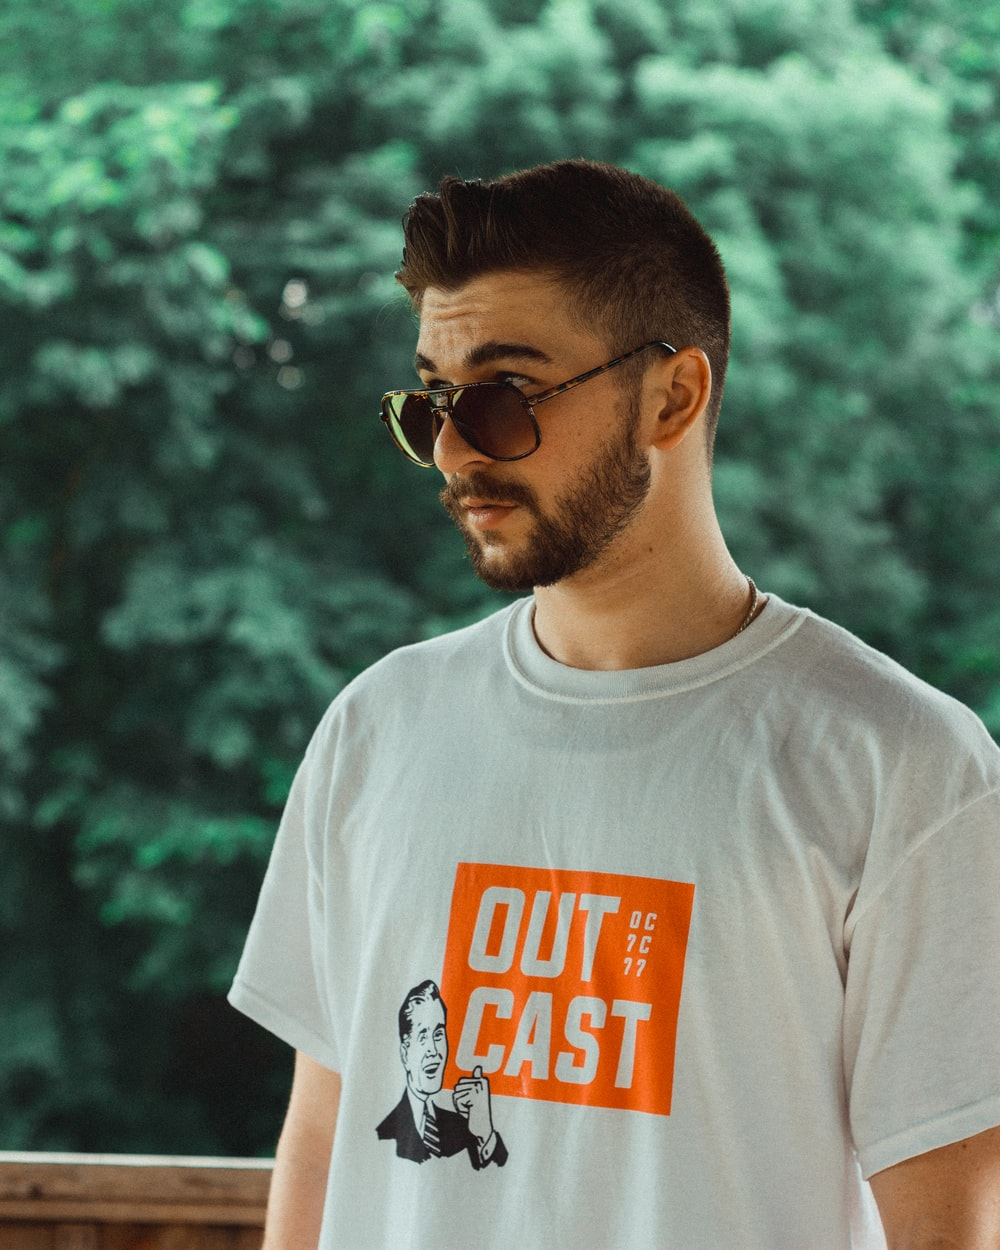 man wearing white and orange crew-neck t-shirt